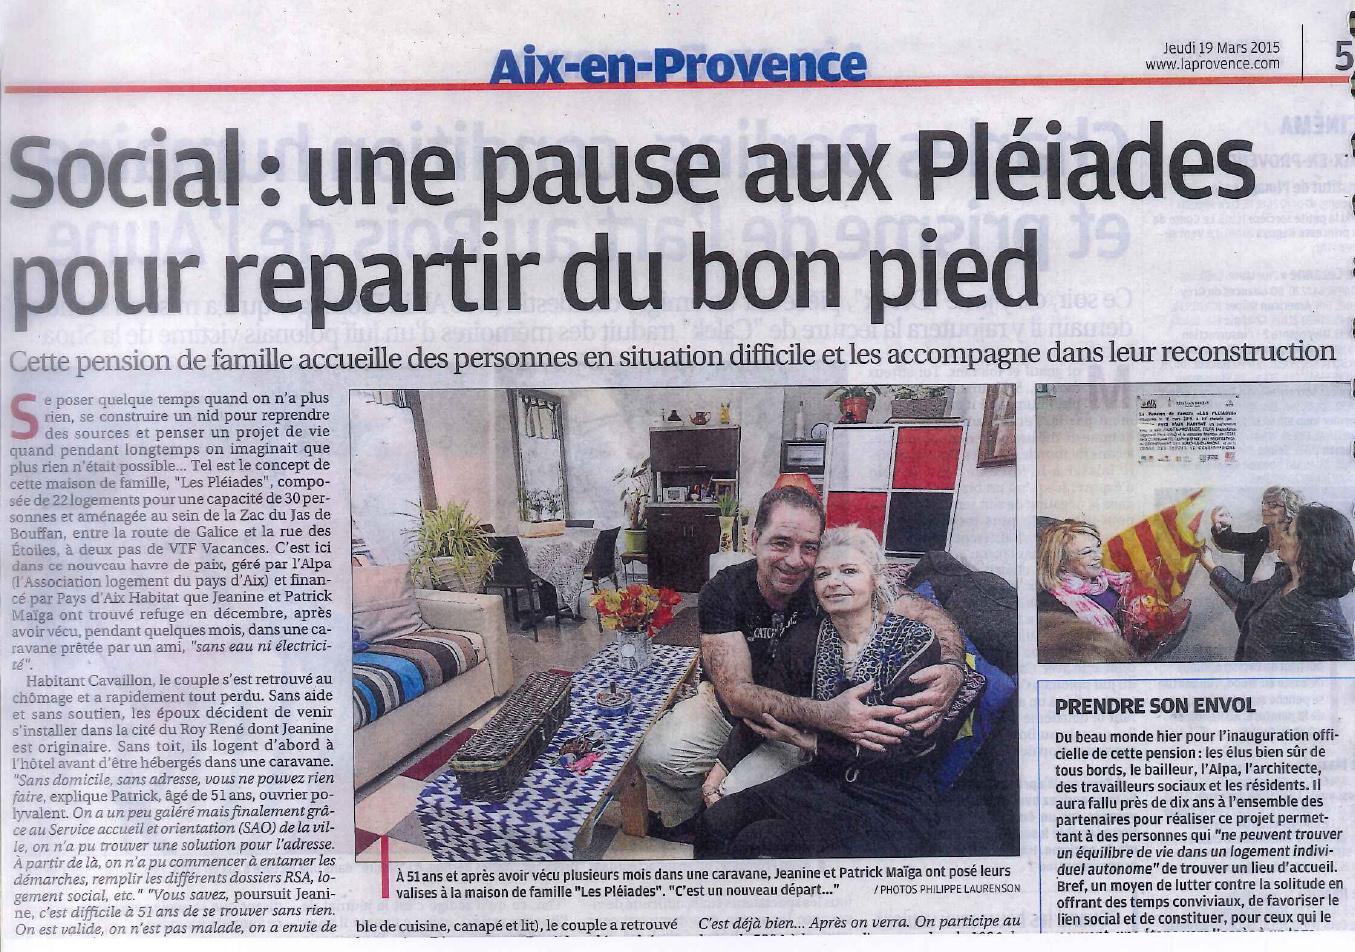 16_UNE_PAUSE_AUX_PLEIADES_LA_PROVENCE